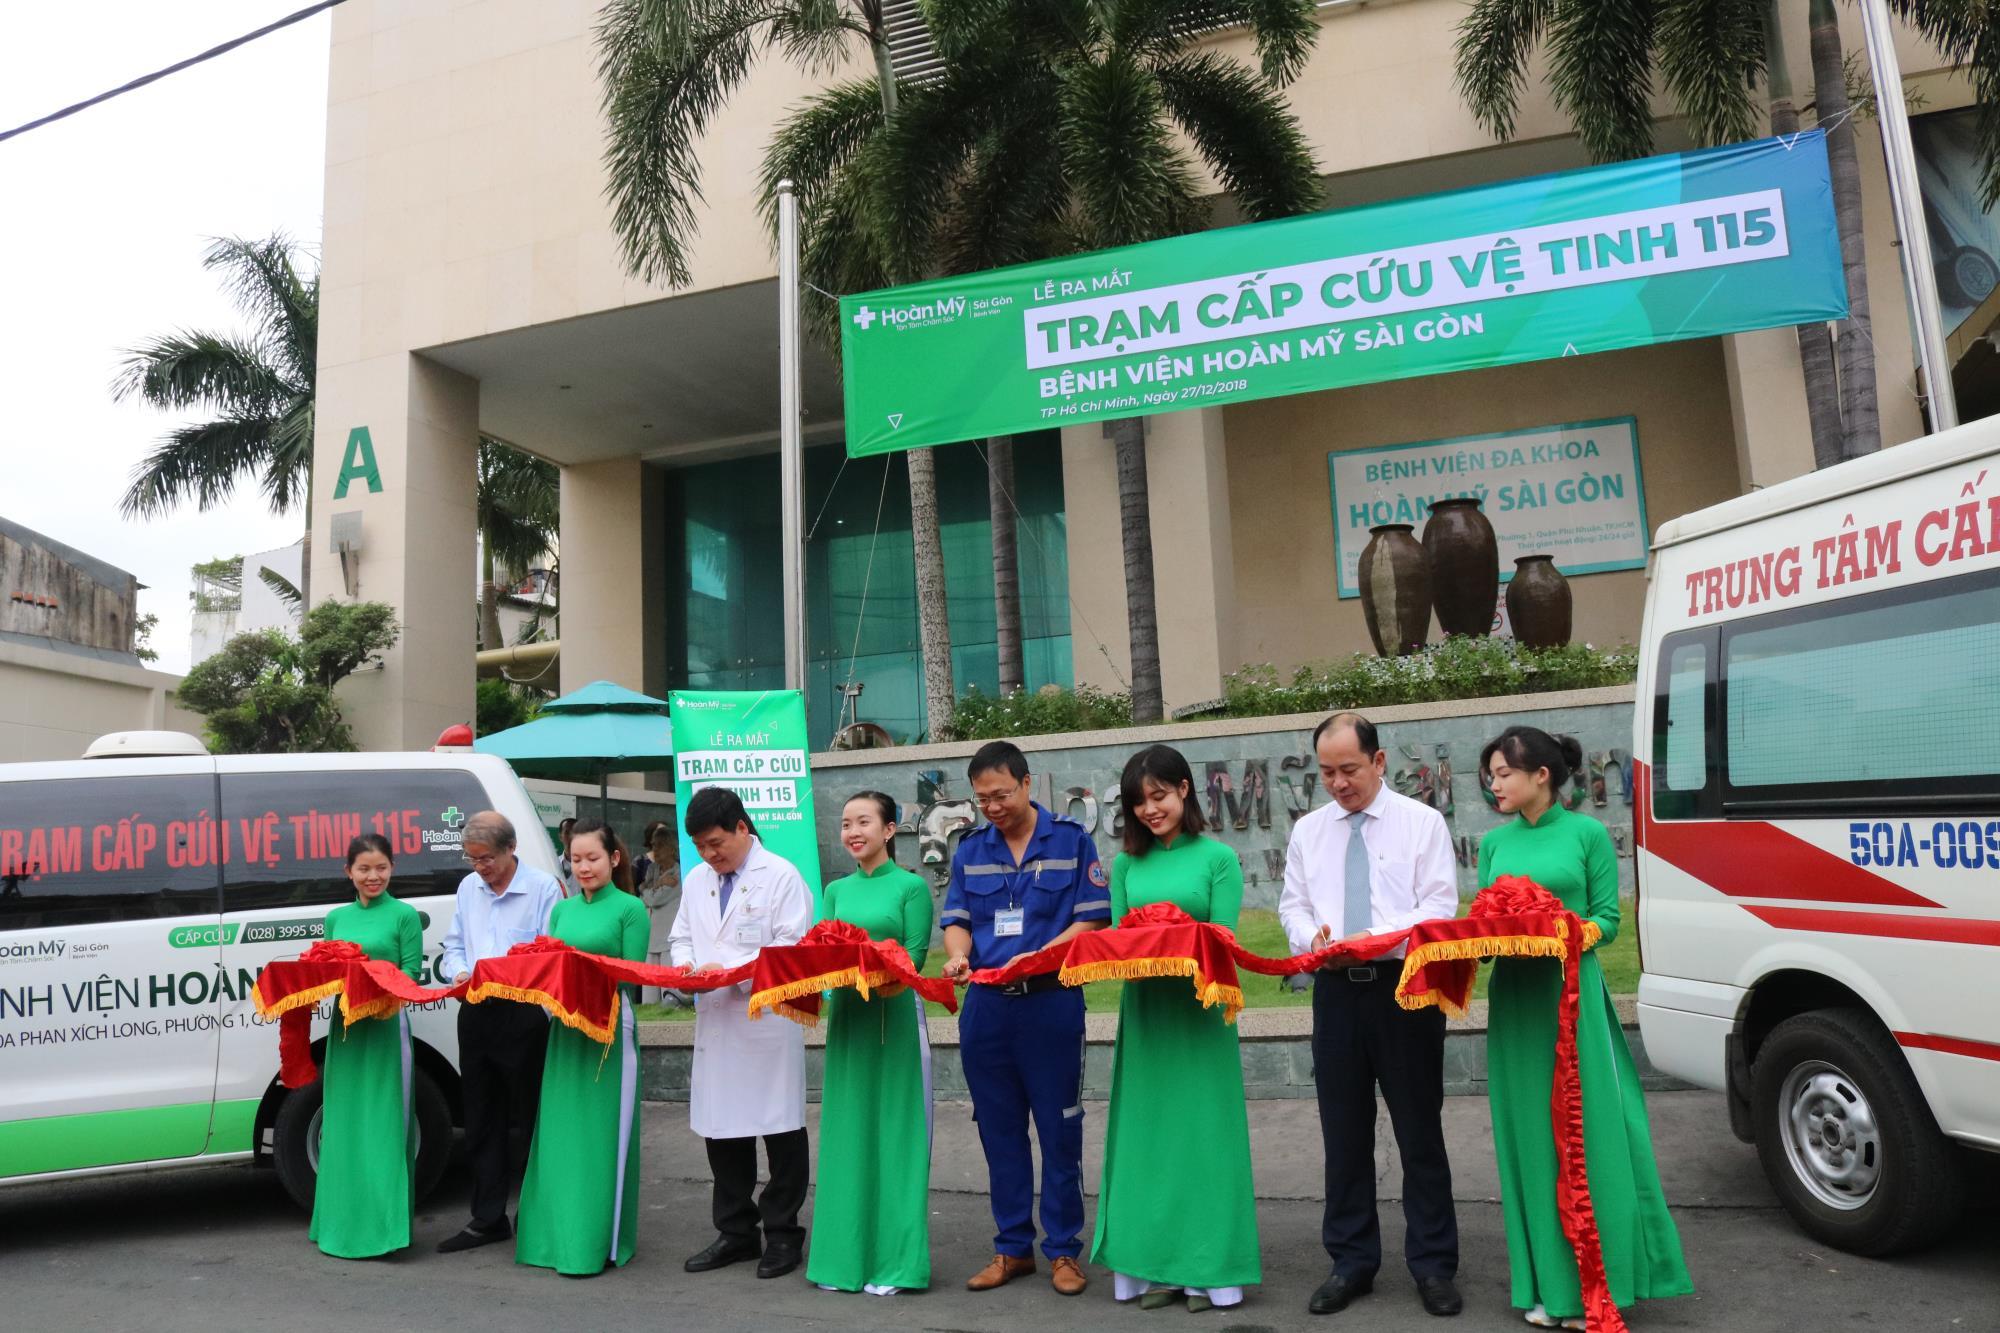 Bệnh viện Hoàn Mỹ Sài Gòn ra mắt trạm cấp cứu vệ tinh 115